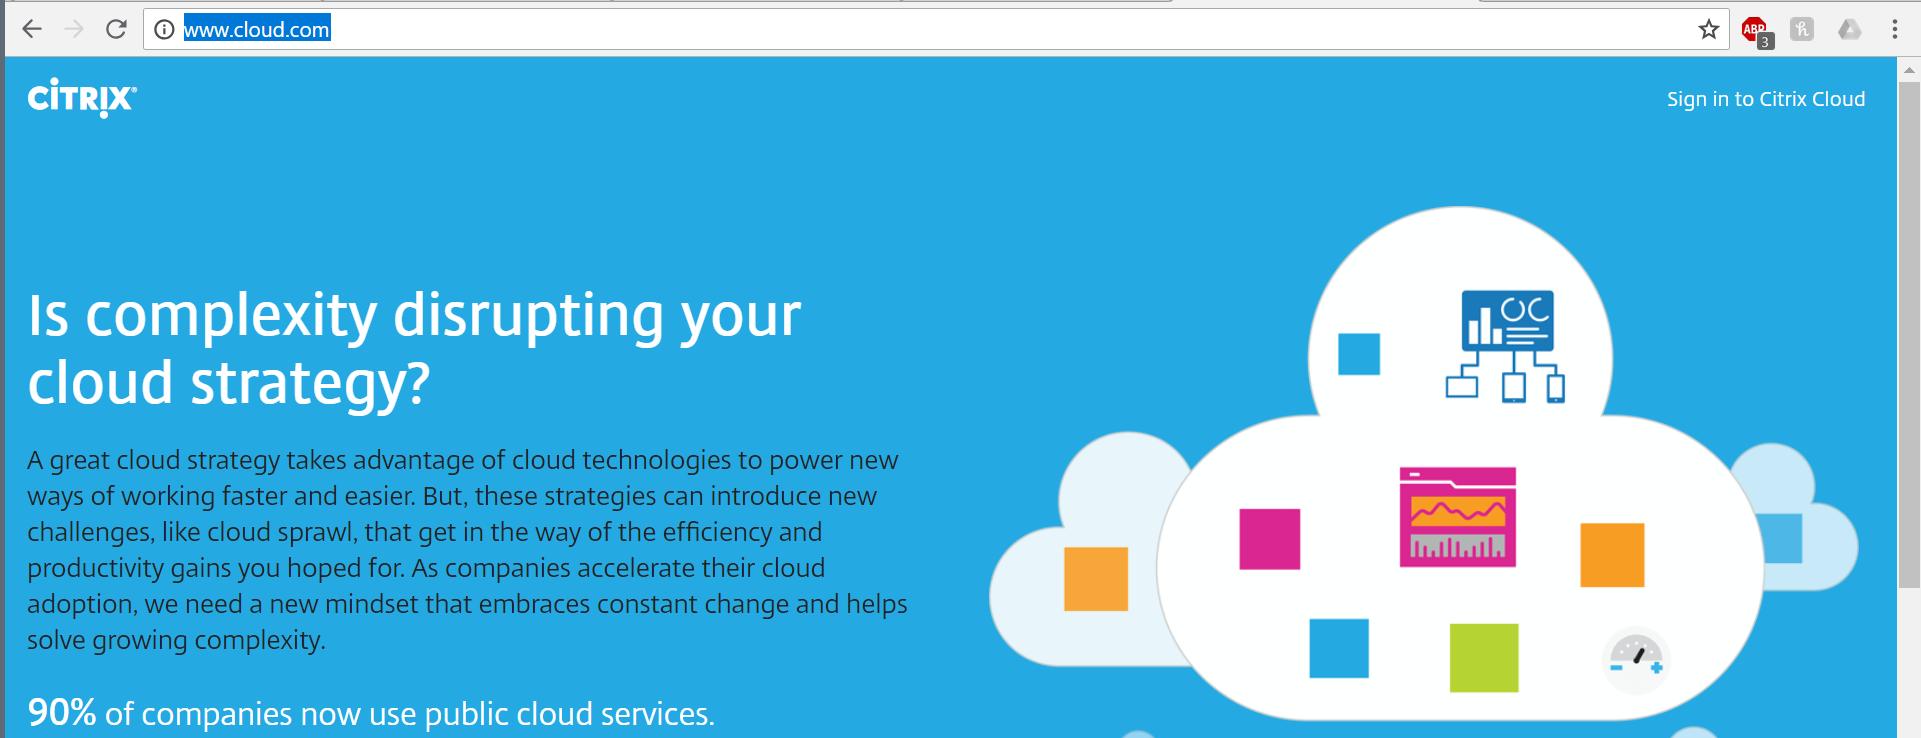 Citrix Cloud portal